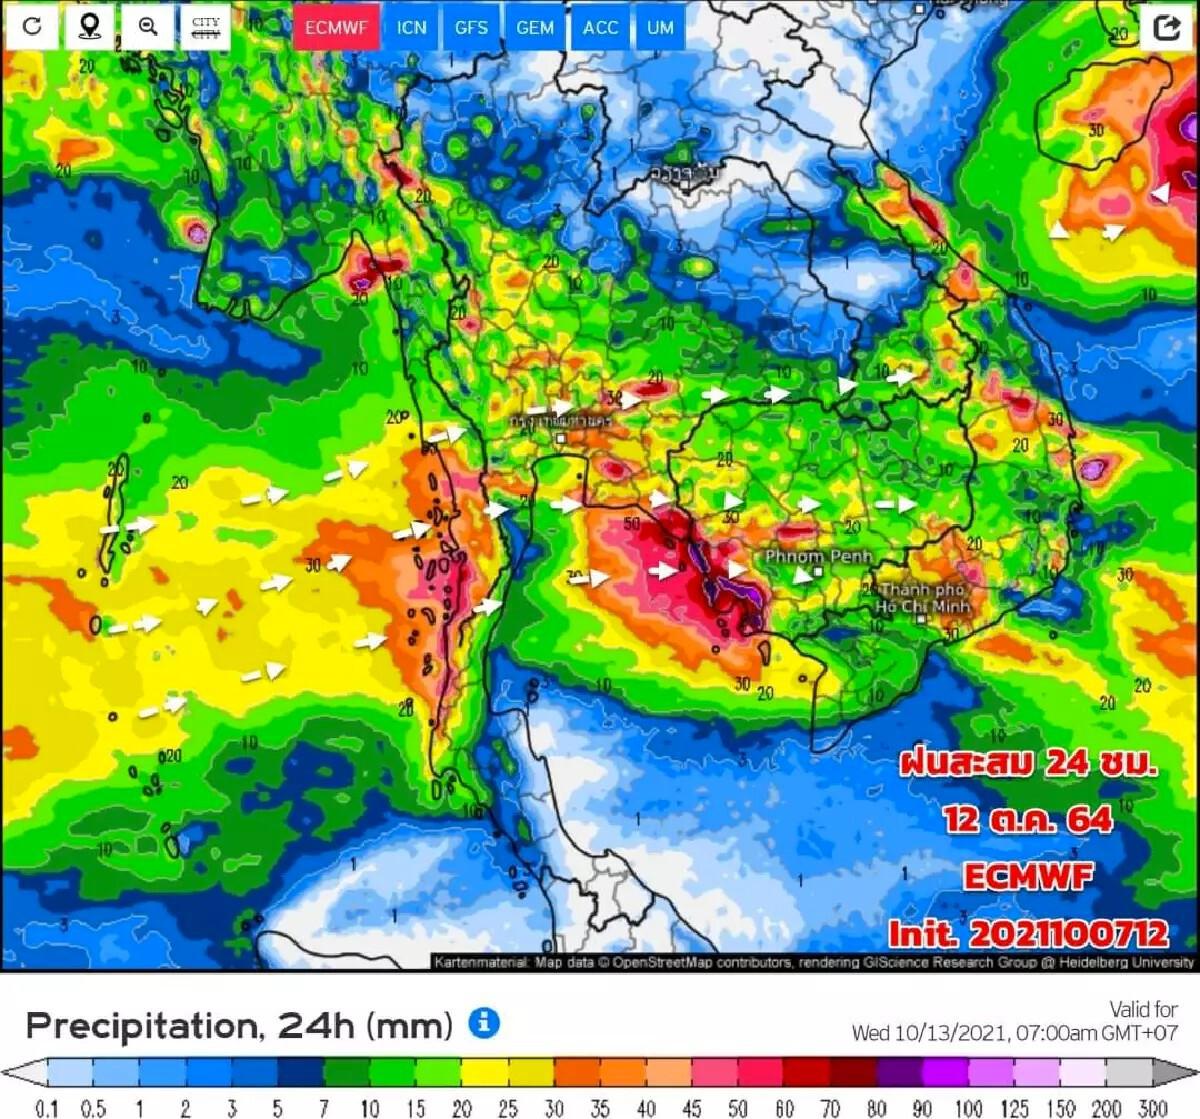 """เช็กที่นี่! ไทม์ไลน์เส้นทางพายุโซนร้อน """"ไลออนร็อก"""" เตรียมรับมือฝนตกหนัก"""